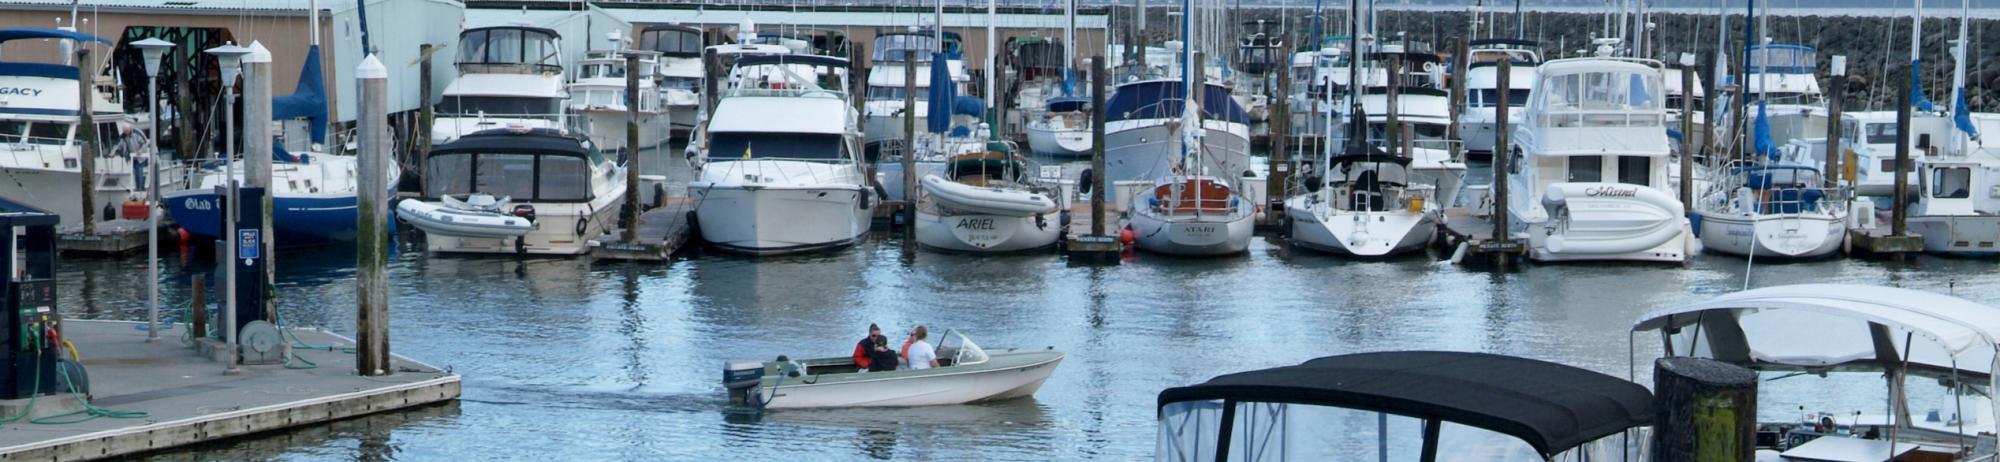 Boats Moored at Des Moines Marina